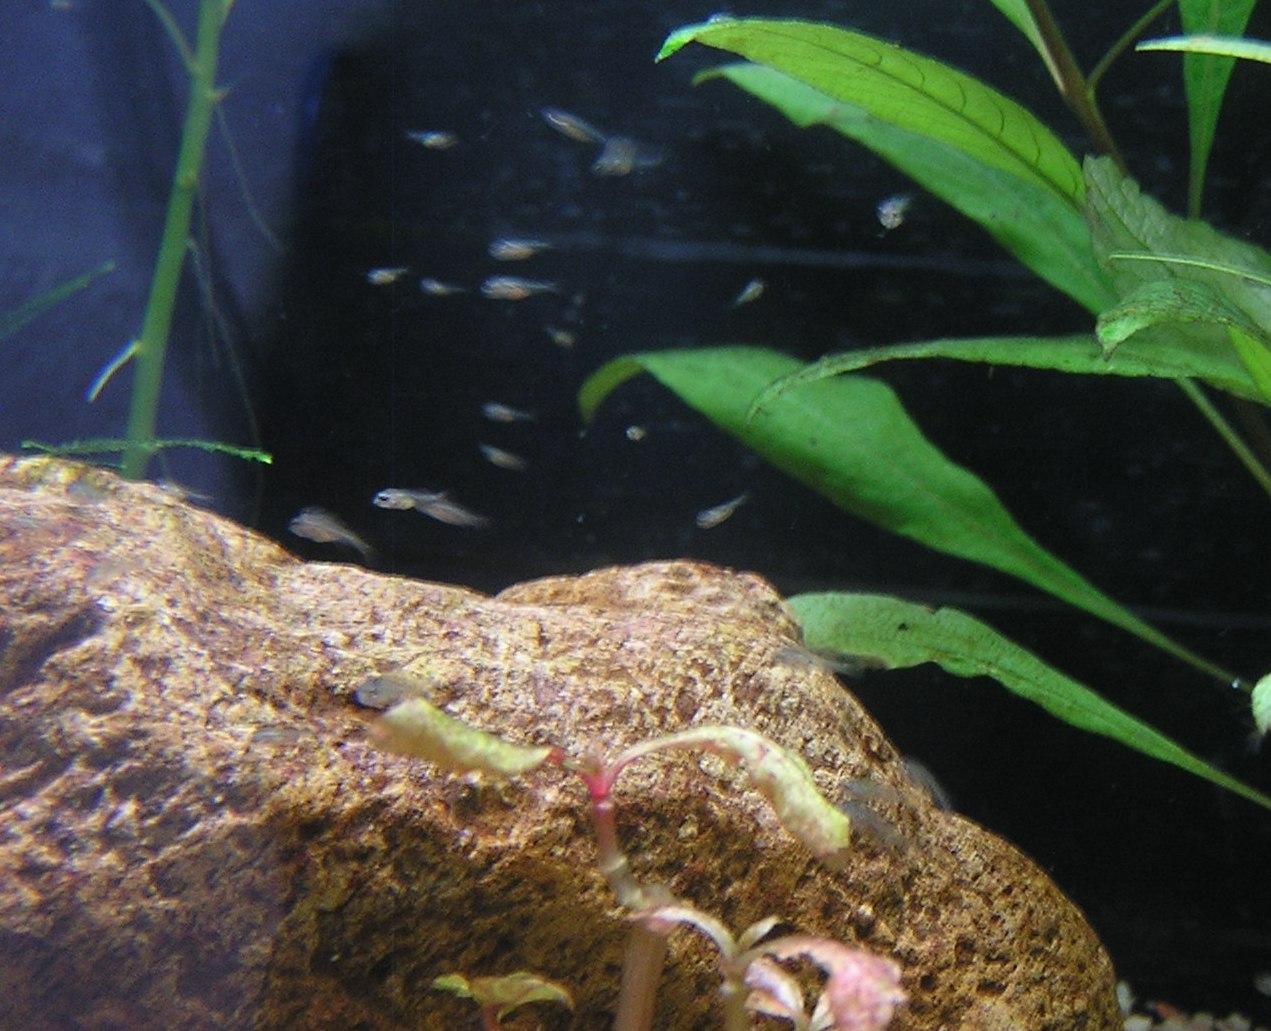 photo http://www.aquariophilie.org/images/article/Mikrogeophagus-ramirezi-reproduction-et-aleas-en-image_a04100957_0.jpeg